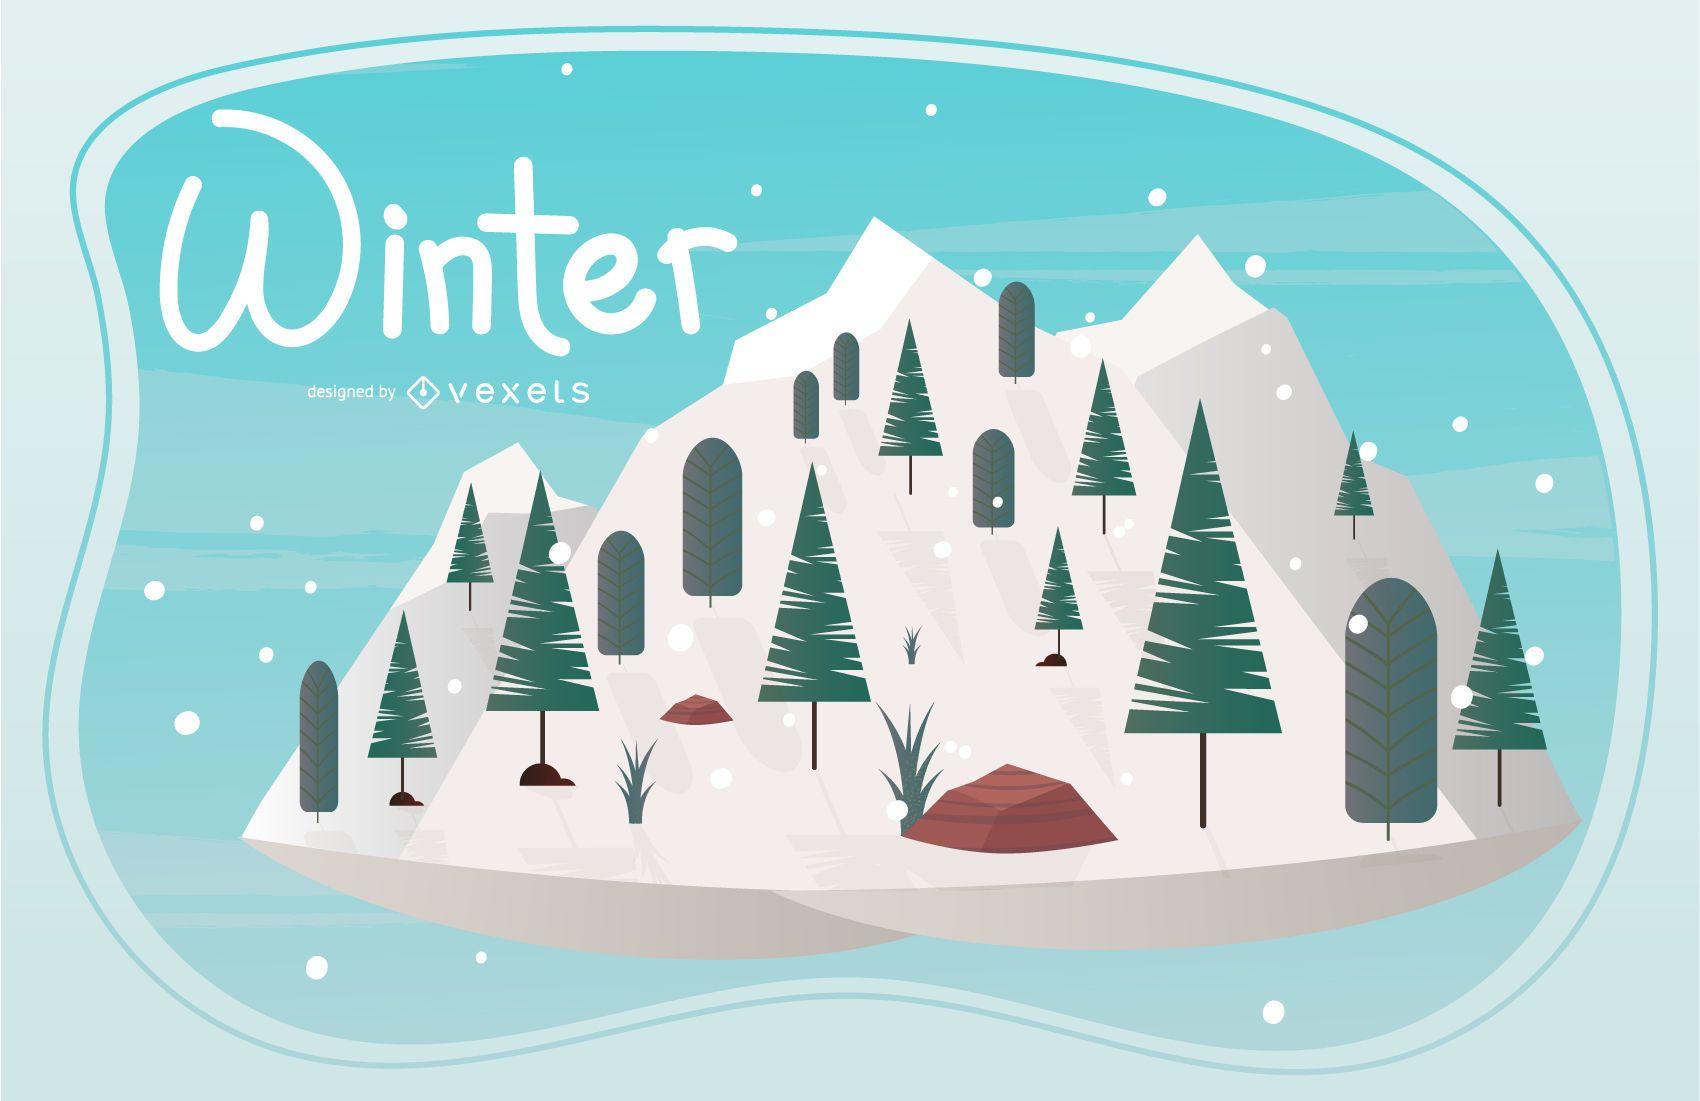 Winter season illustration